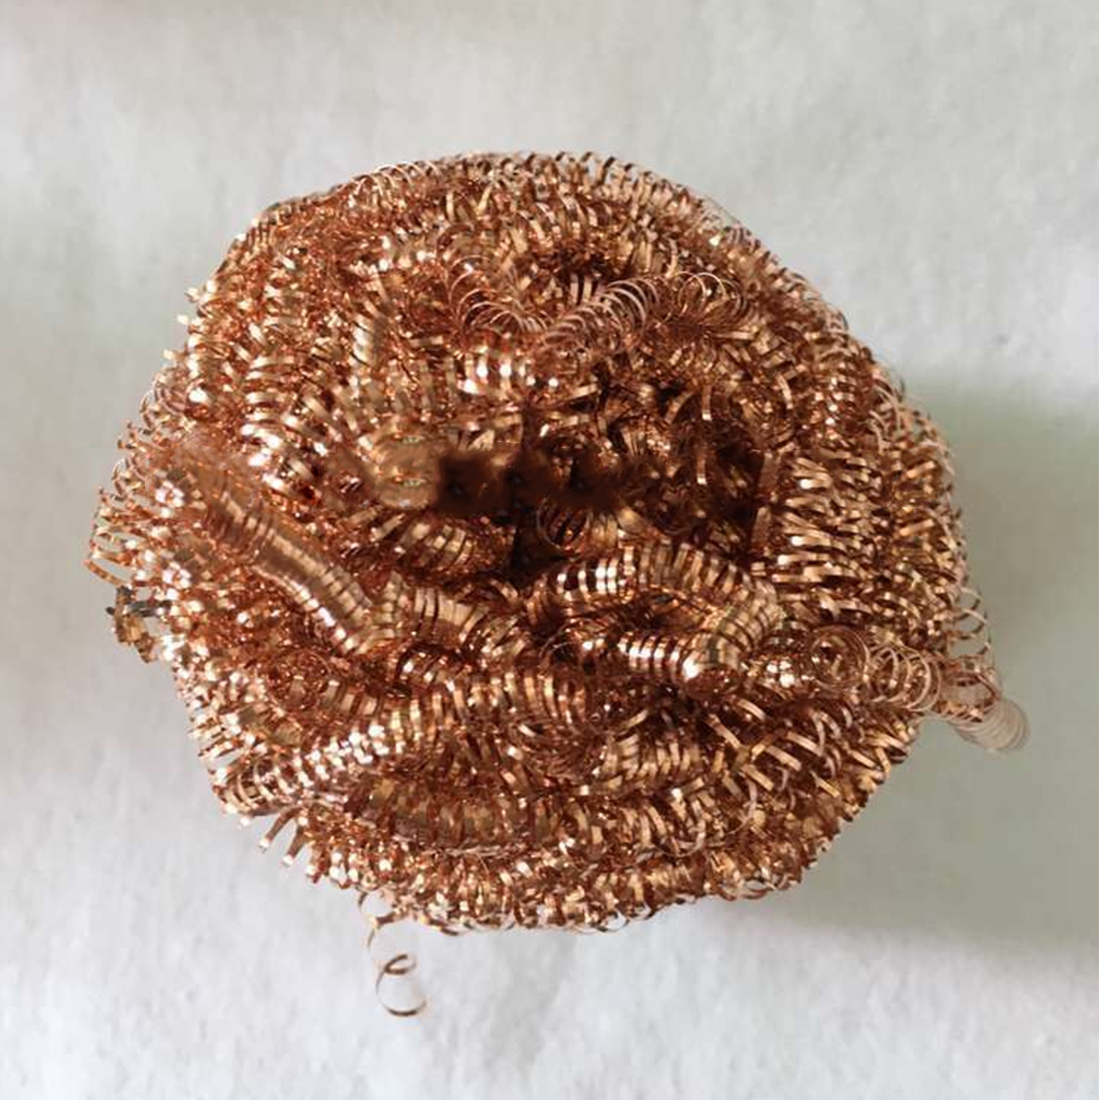 Solder Tip Cleaner Tool Welding Soldering Solder Iron Tip Cleaner Cleaning Steel Wire Sponge Balls Steel Wire Sponge